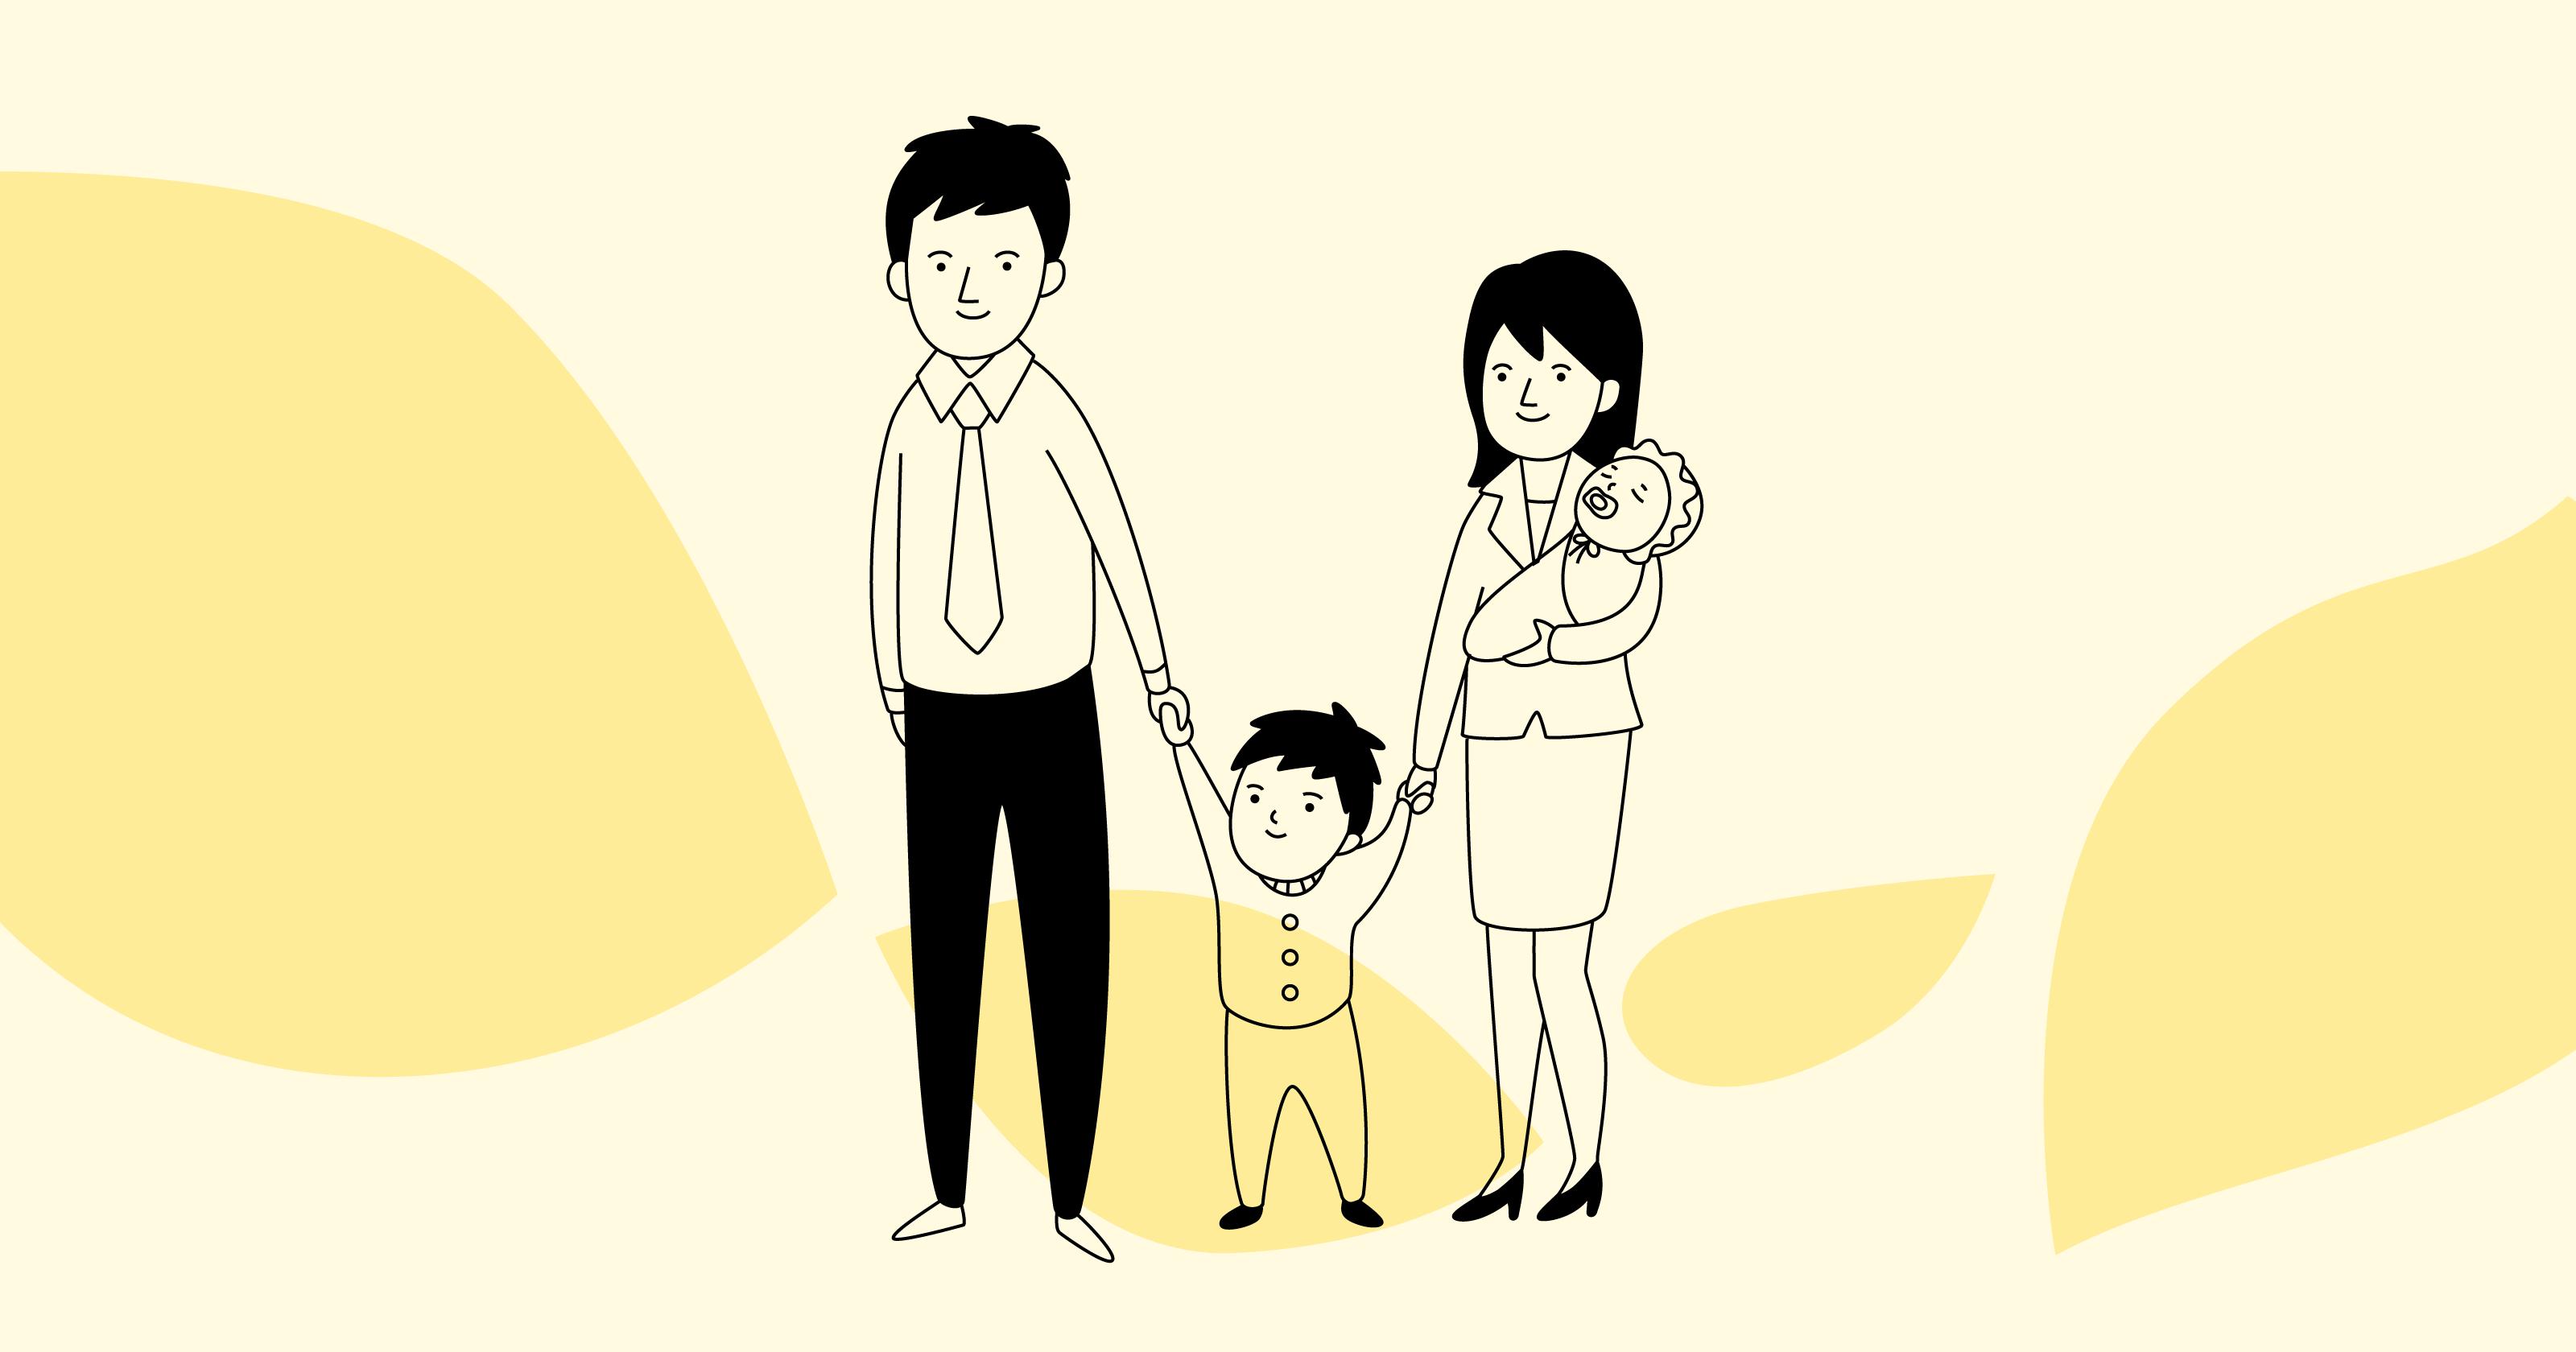 共働き世帯、第2子出産を機に妻が仕事を辞めても家計は大丈夫?- FPに聞く資産形成シリーズ